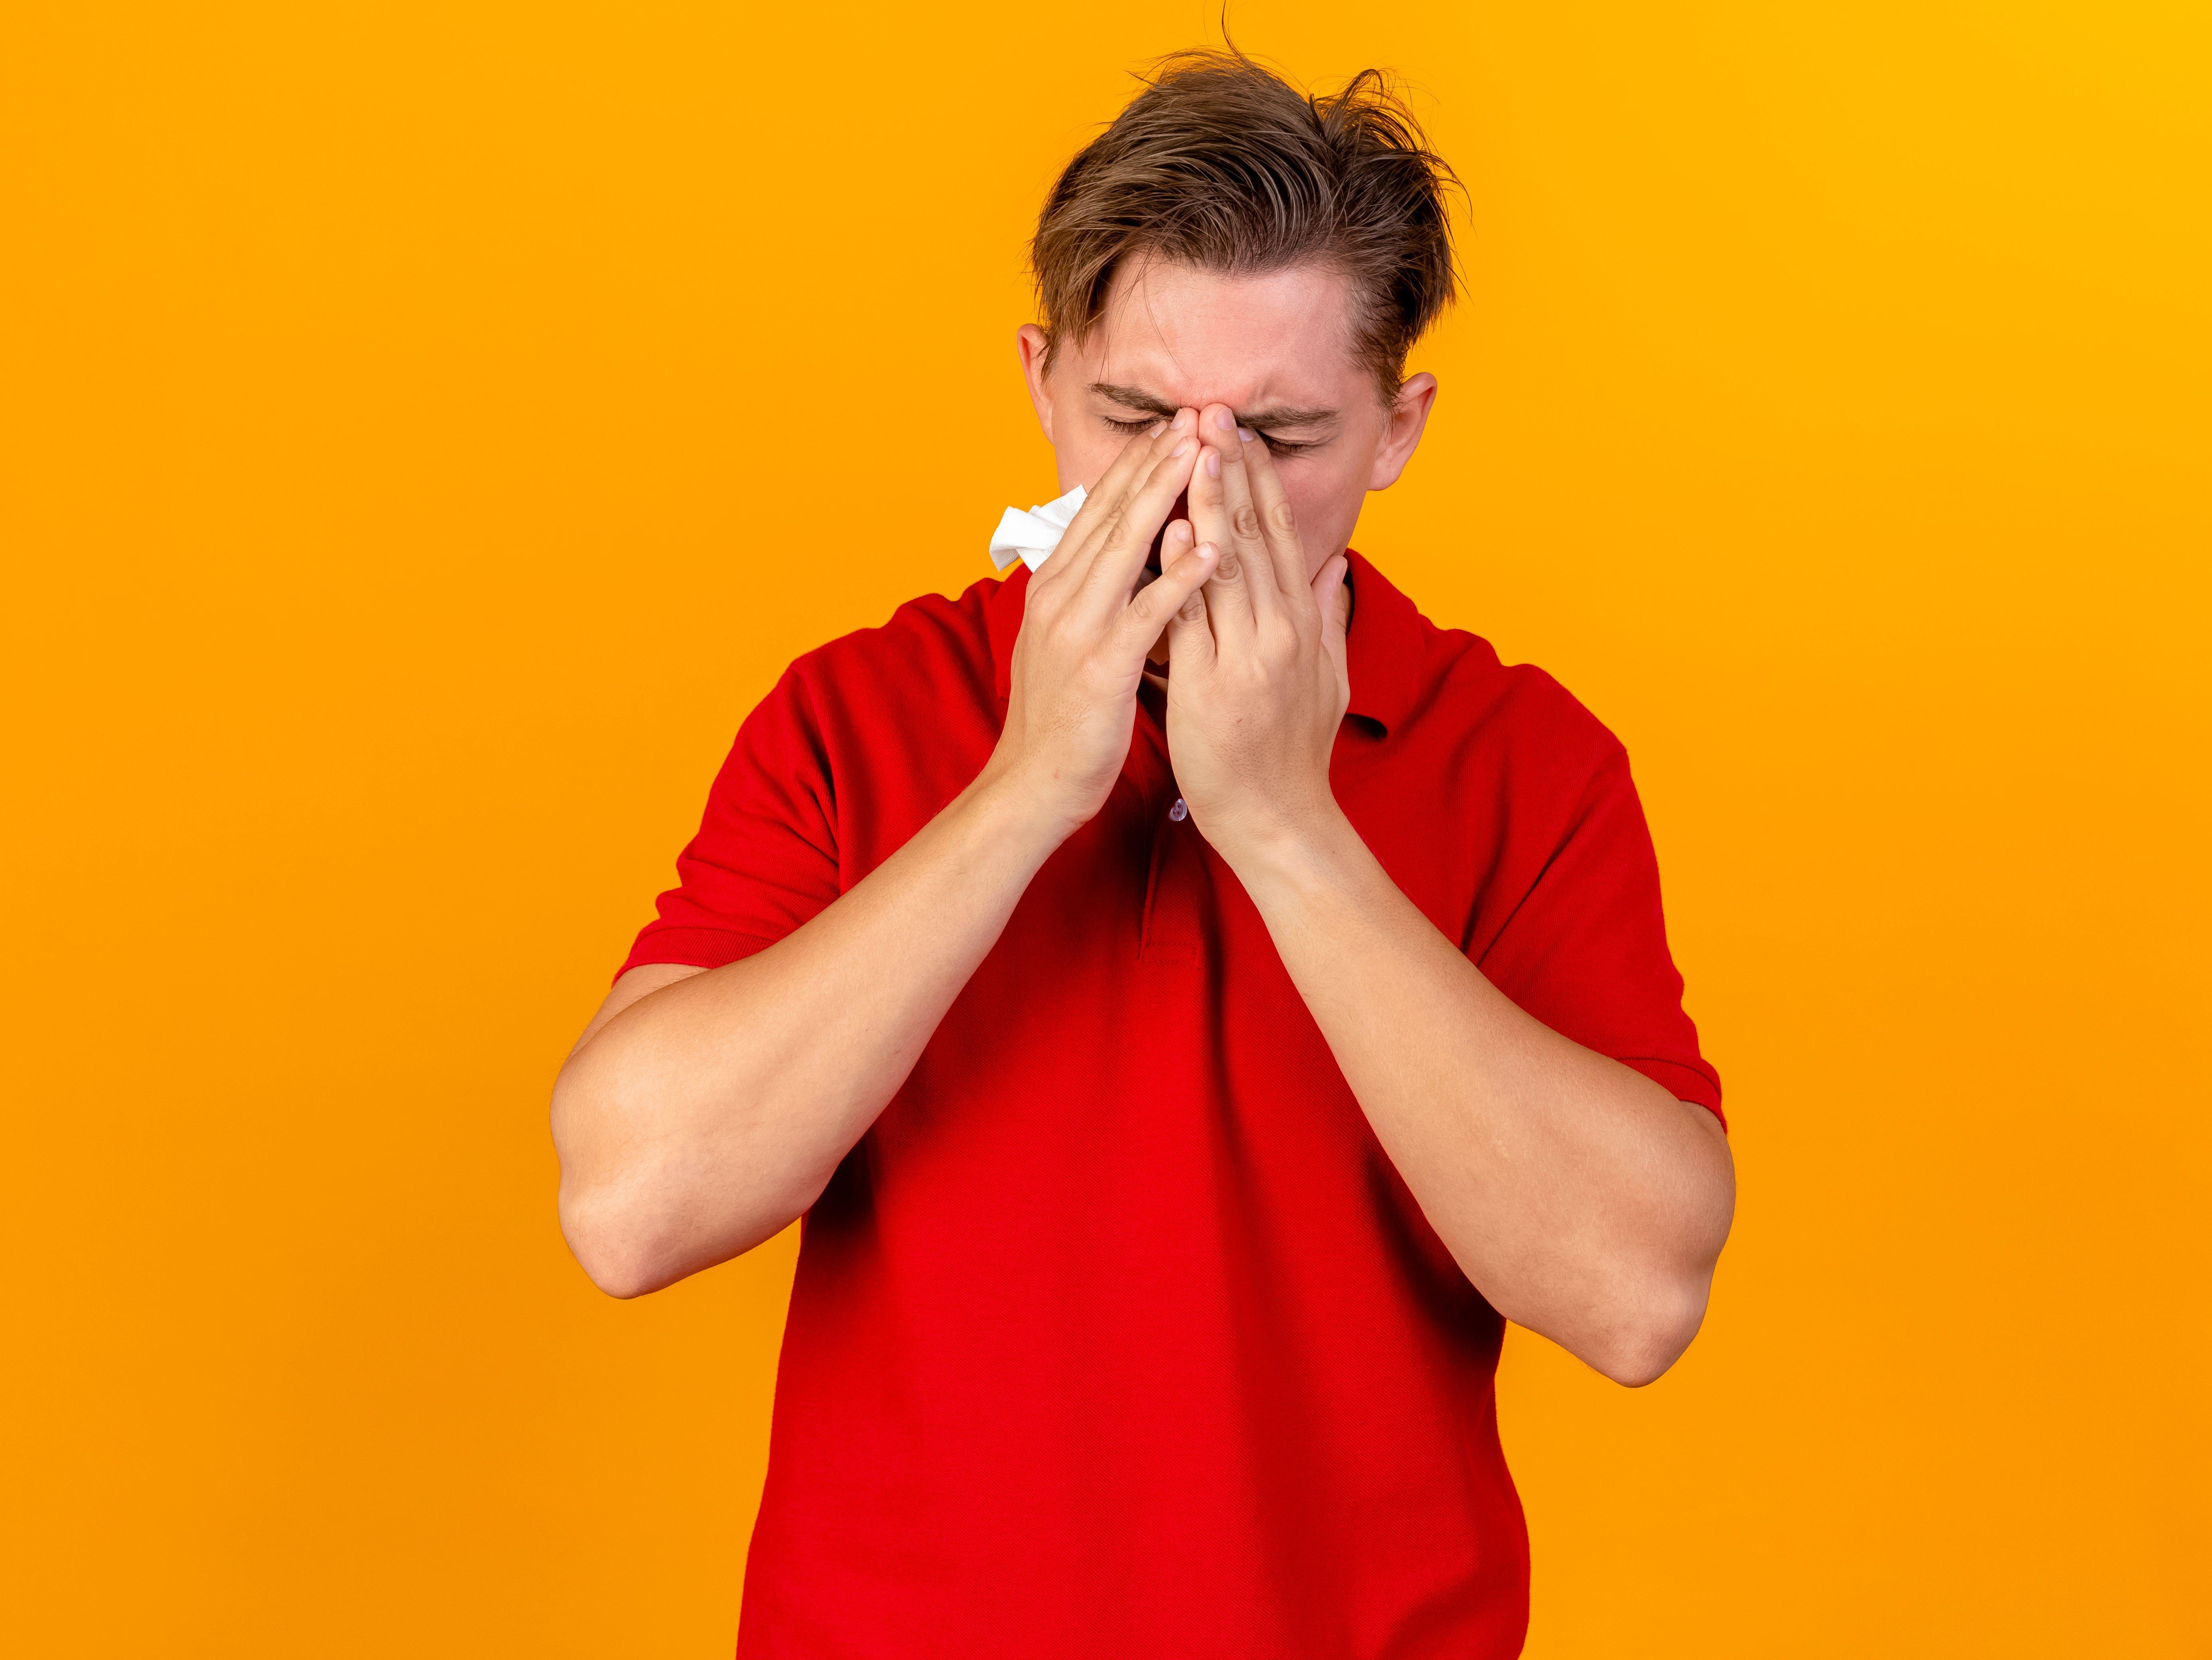 Les symptômes de la migraine opthalmique peuvent être intenses